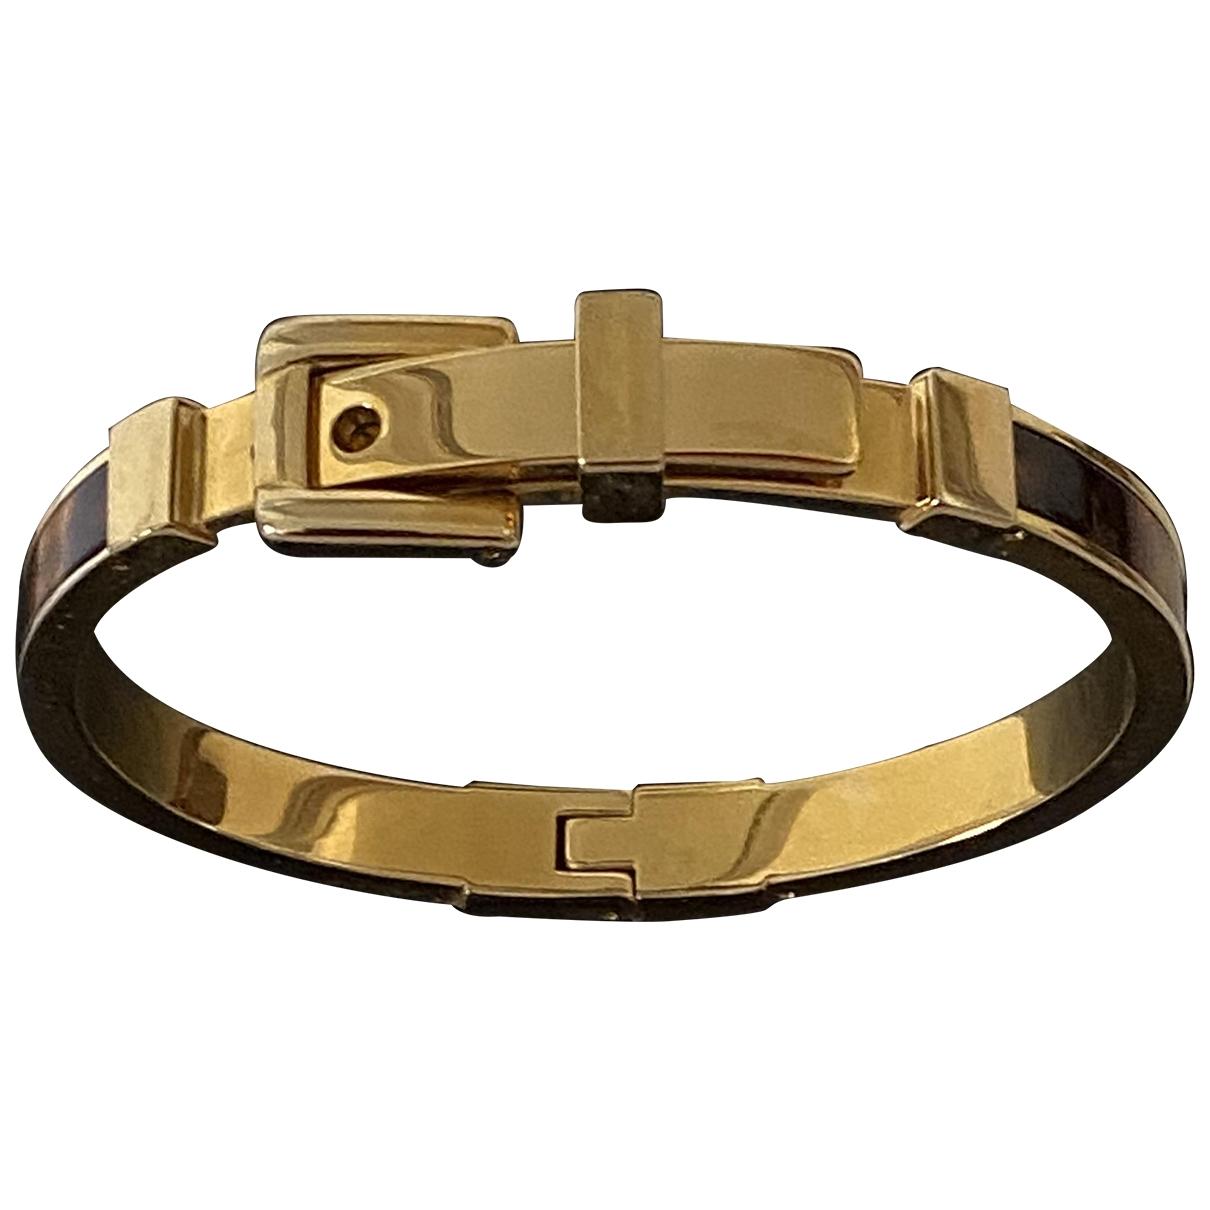 Michael Kors \N Brown gold and steel bracelet for Women \N